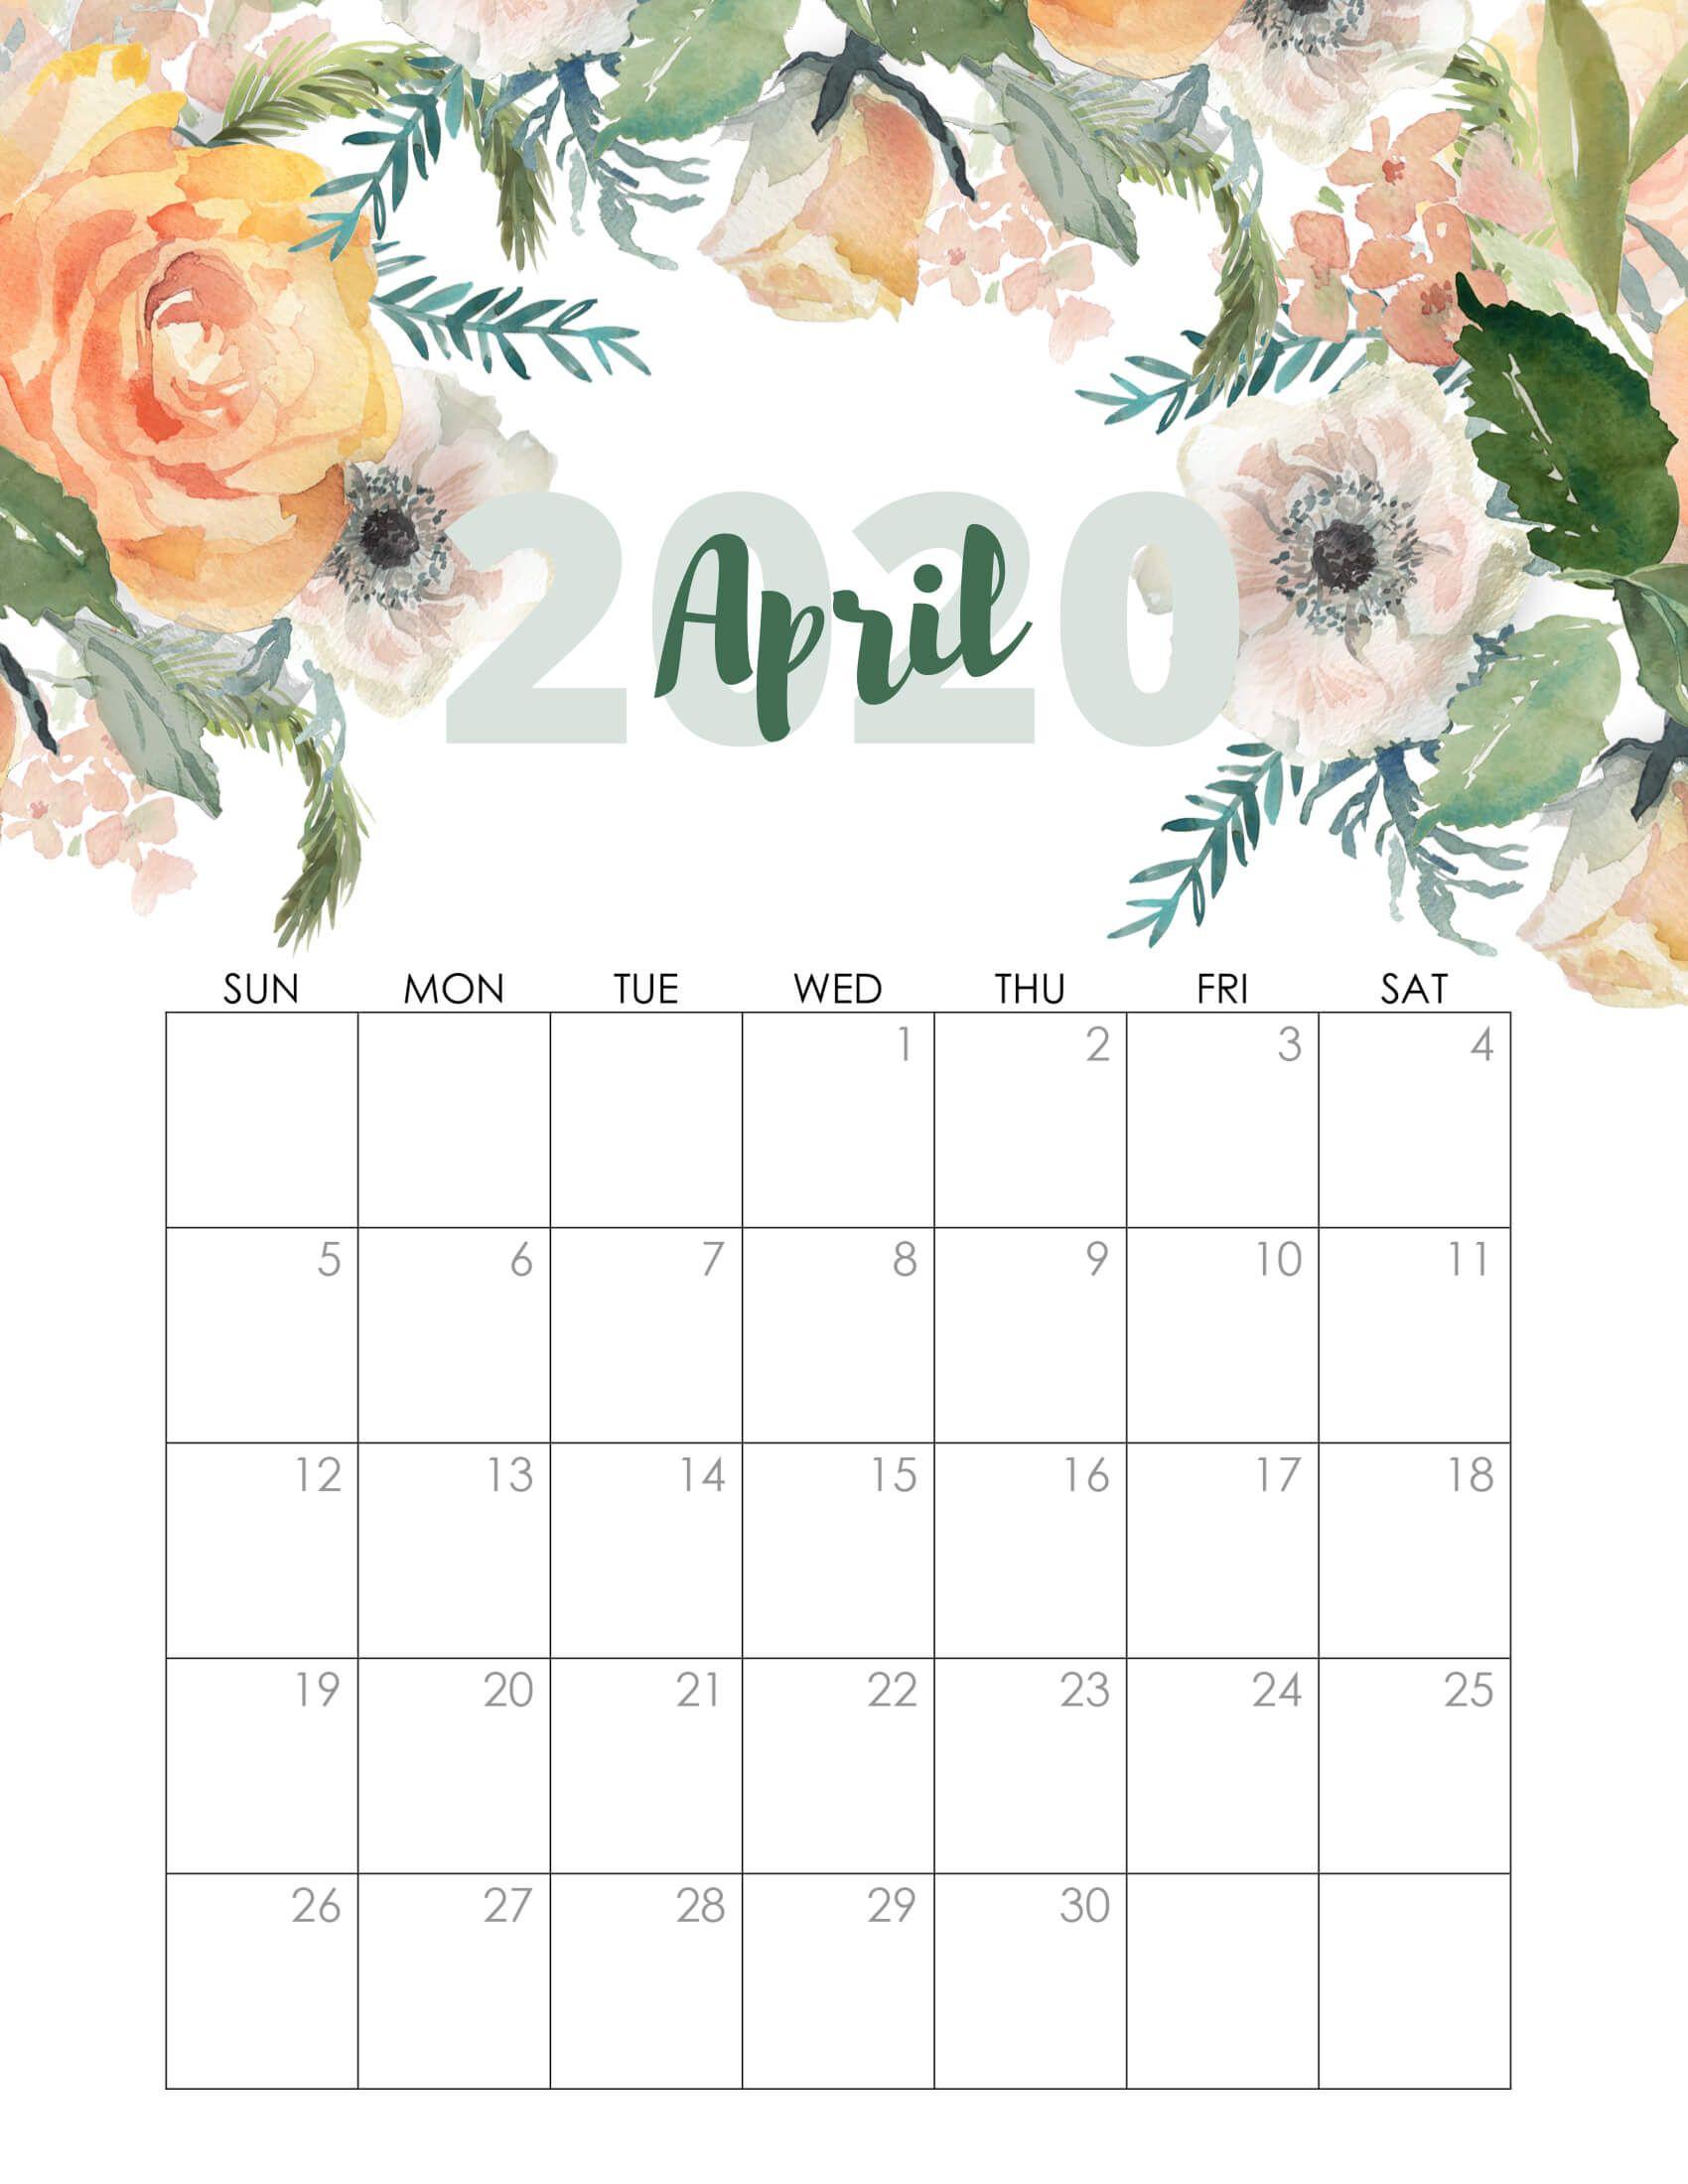 Cute April 2020 Calendar Printable Wallpapers Hd In 2020 Kids